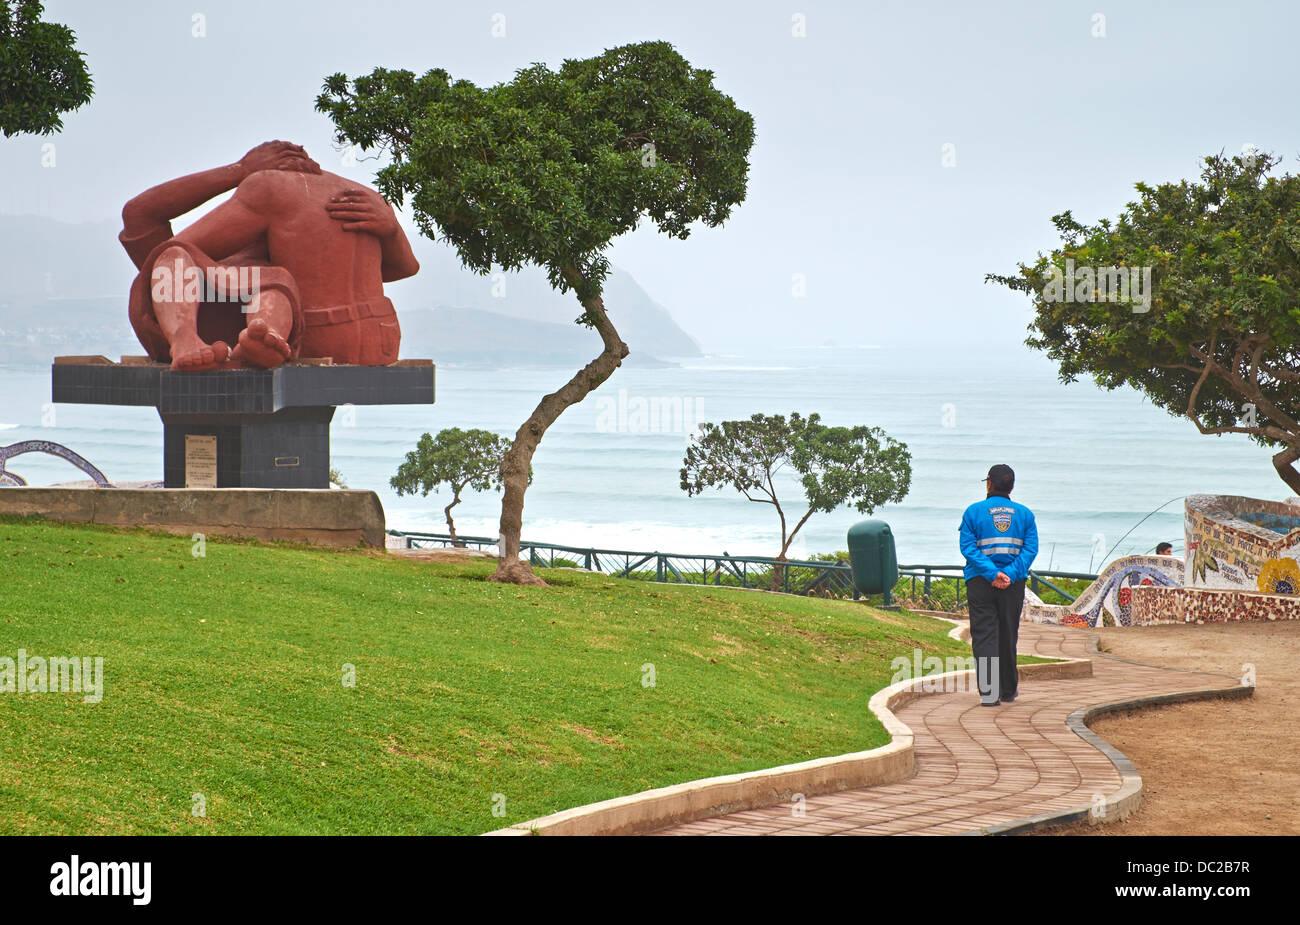 El Parque del Amor es un sobre los acantilados de Miraflores y enteramente dedicado al romance. Lima, Perú. Imagen De Stock